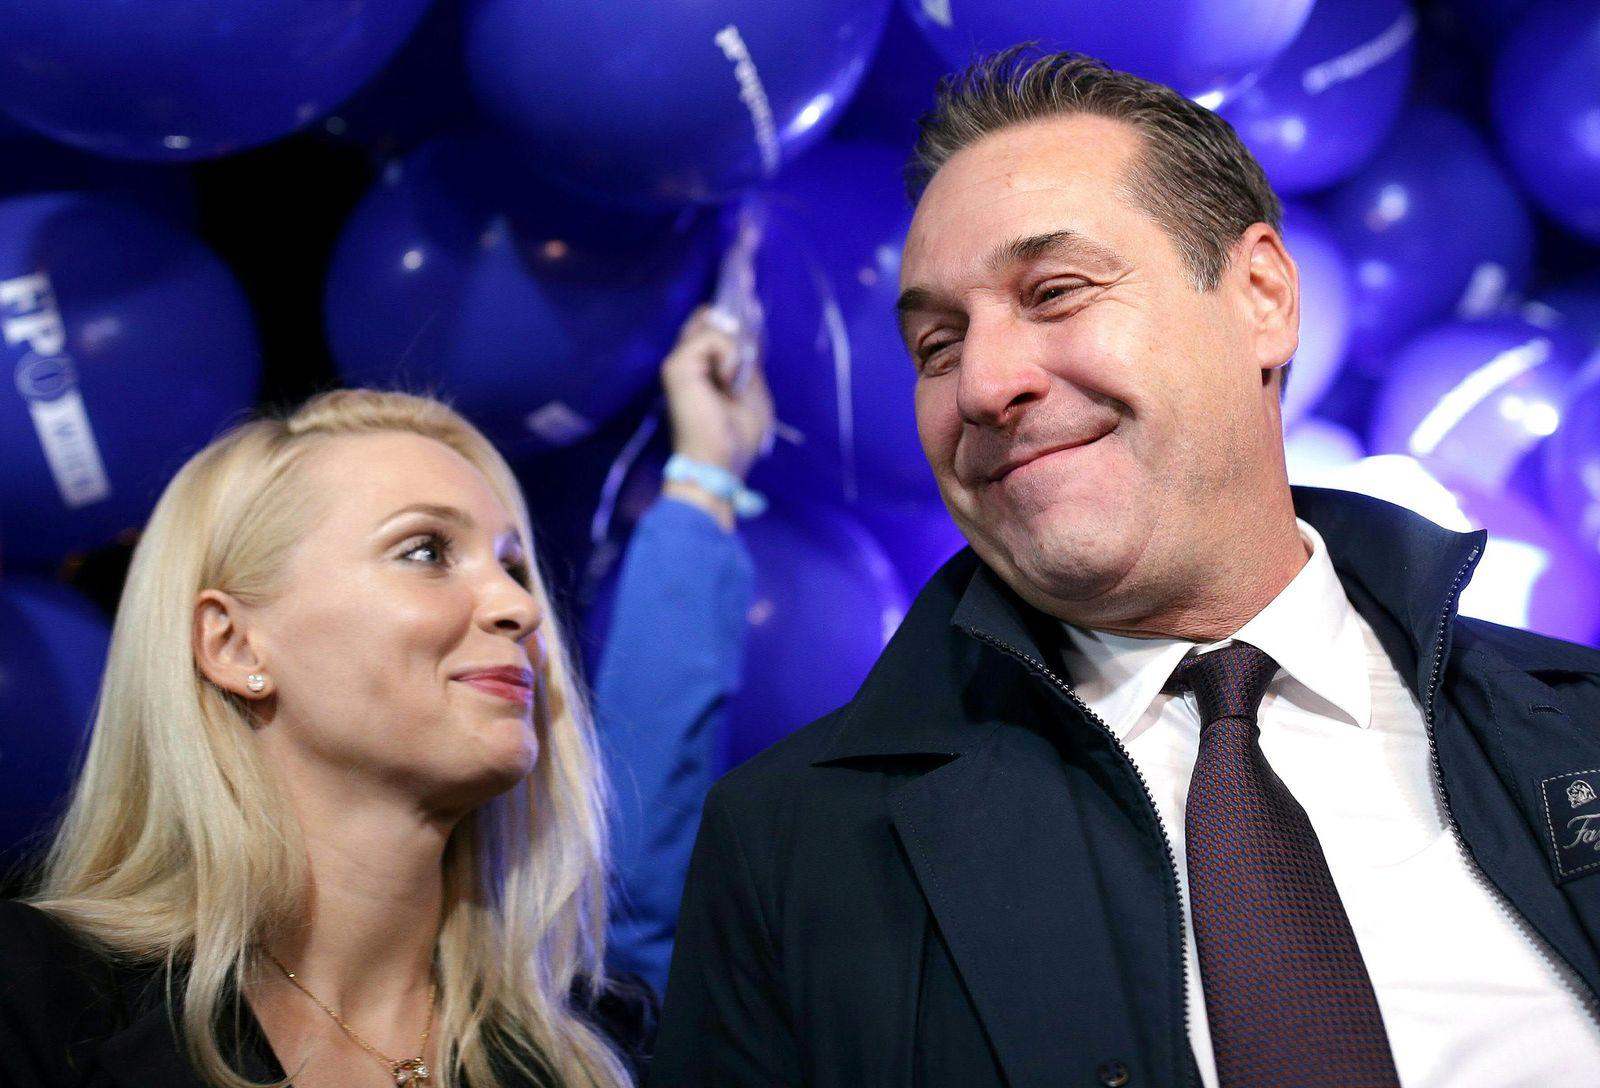 Philippa und Heinz-Christian Strache